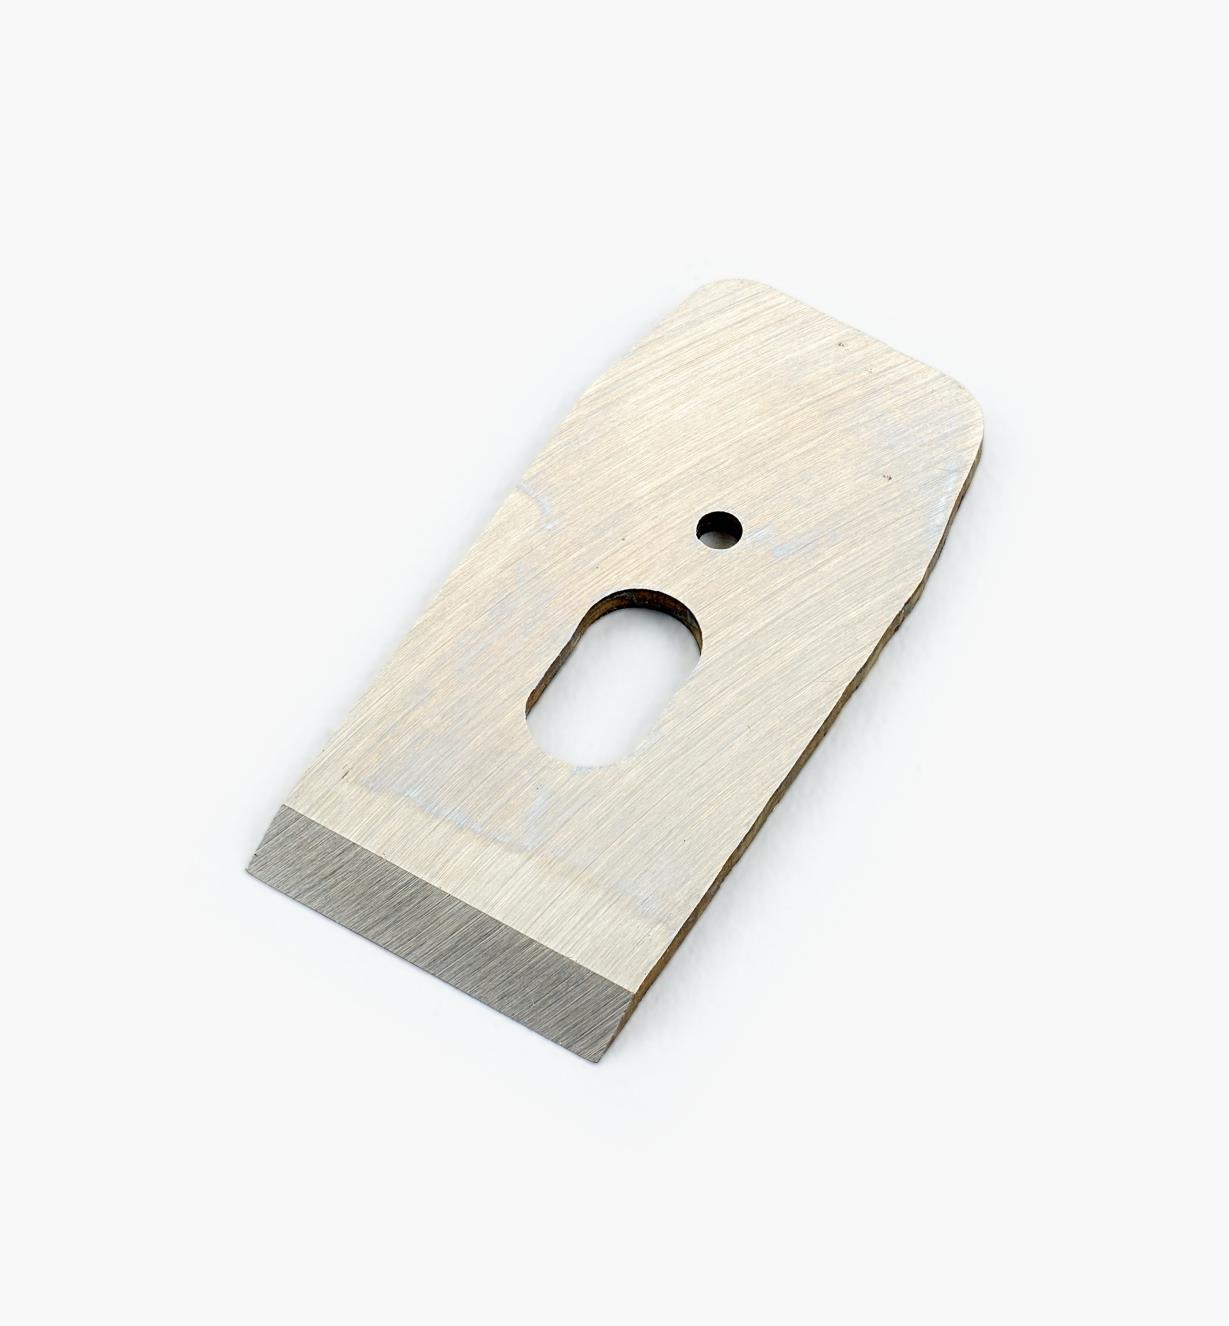 05P8227 - Lame de remplacement pour riflard à angle faible miniature Veritas